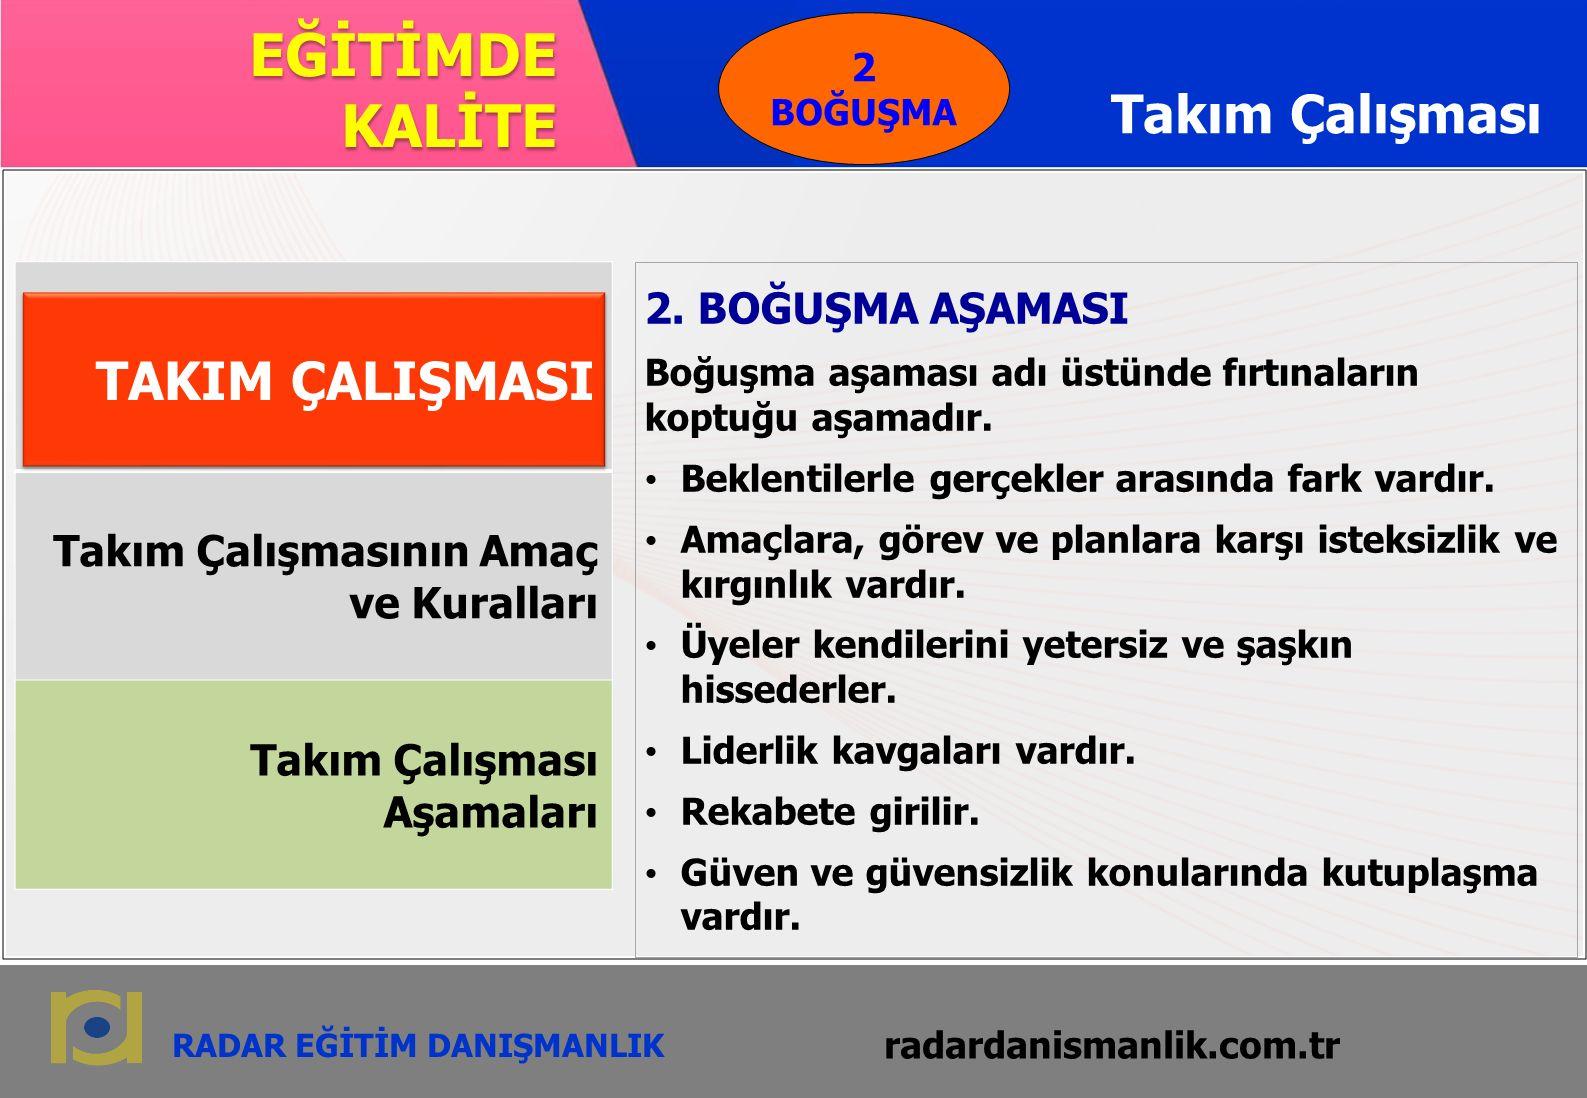 radardanismanlik.com.tr 11 RADAR EĞİTİM DANIŞMANLIK EĞİTİMDE KALİTE radardanismanlik.com.tr Takım Çalışması 2.